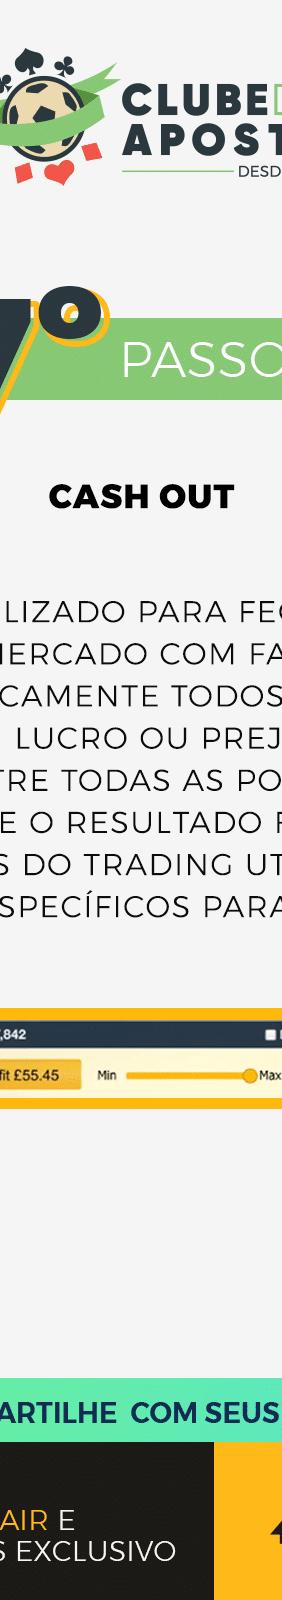 07-o-que-e-trading-esportivo